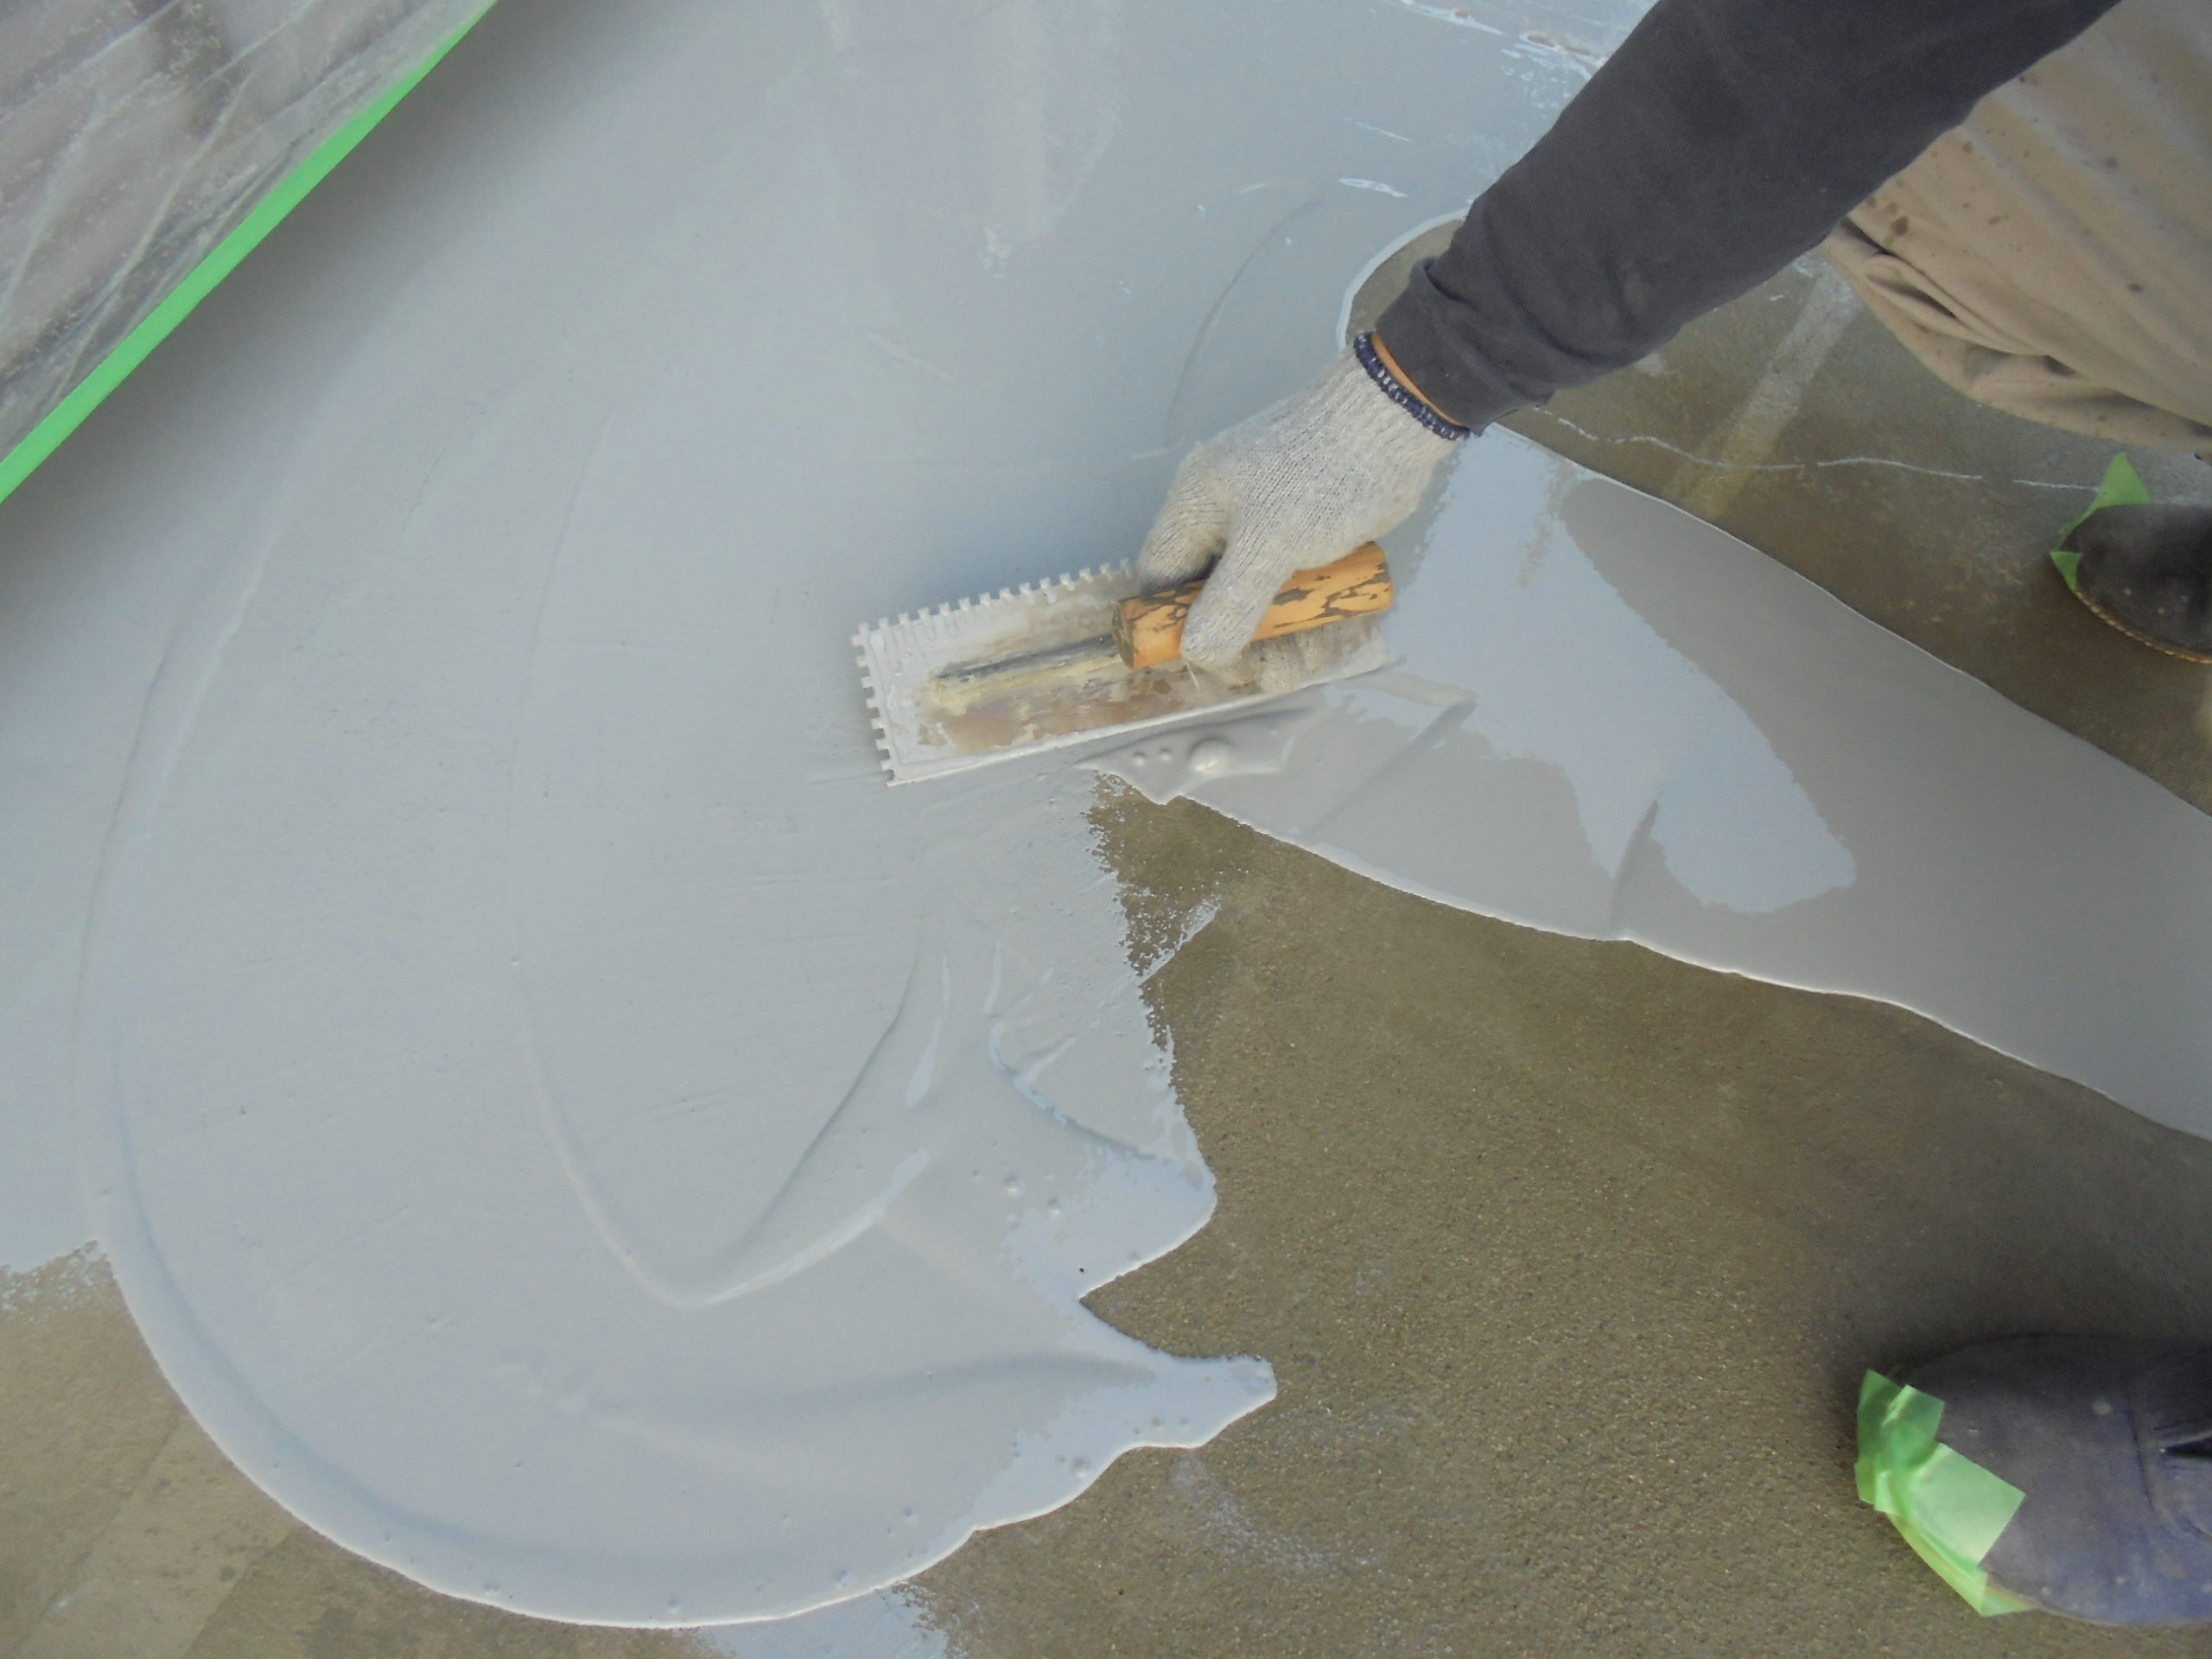 ベランダに下塗り材を塗った後、防水の塗料を丁寧に塗っていきます。